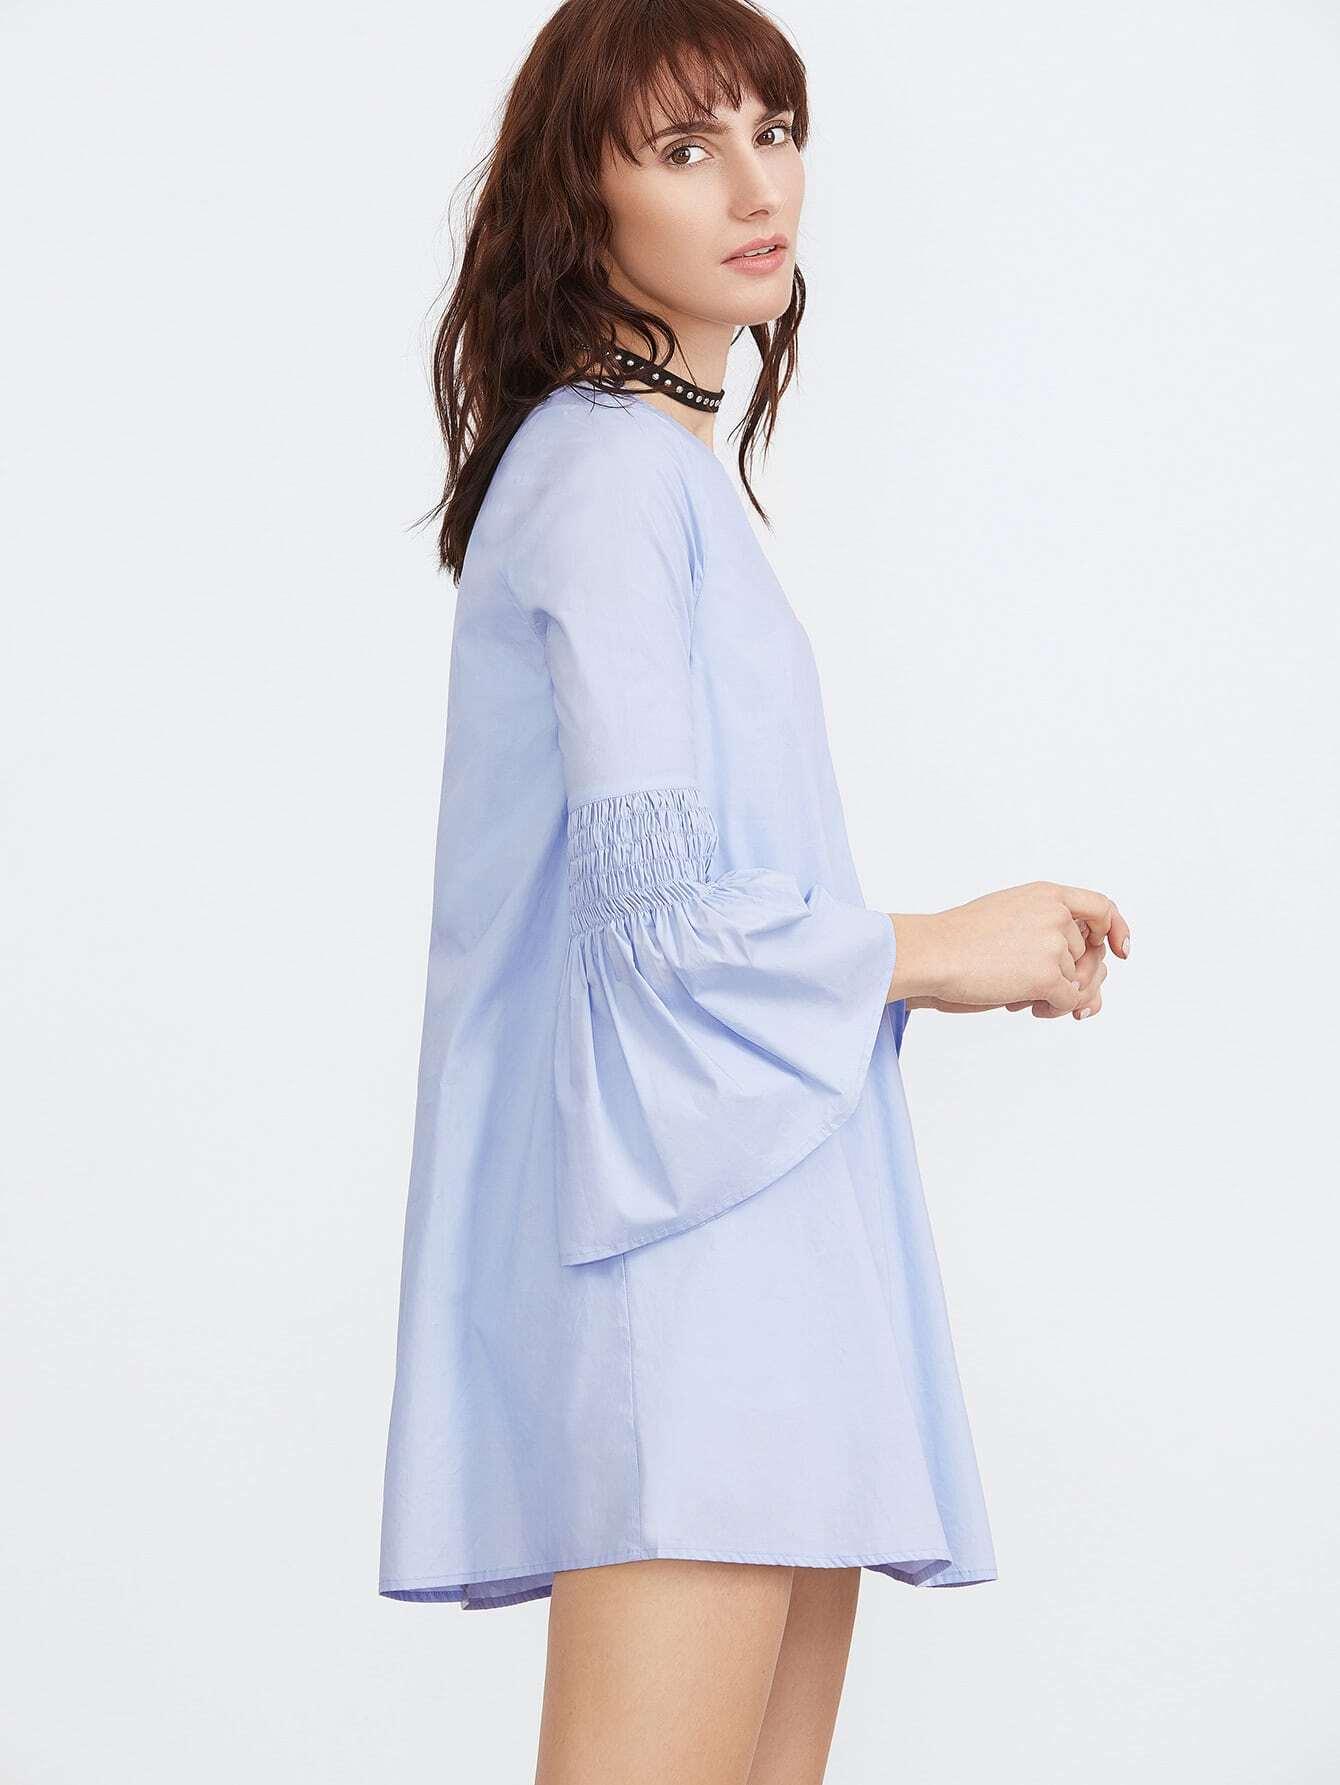 dress161216454_2